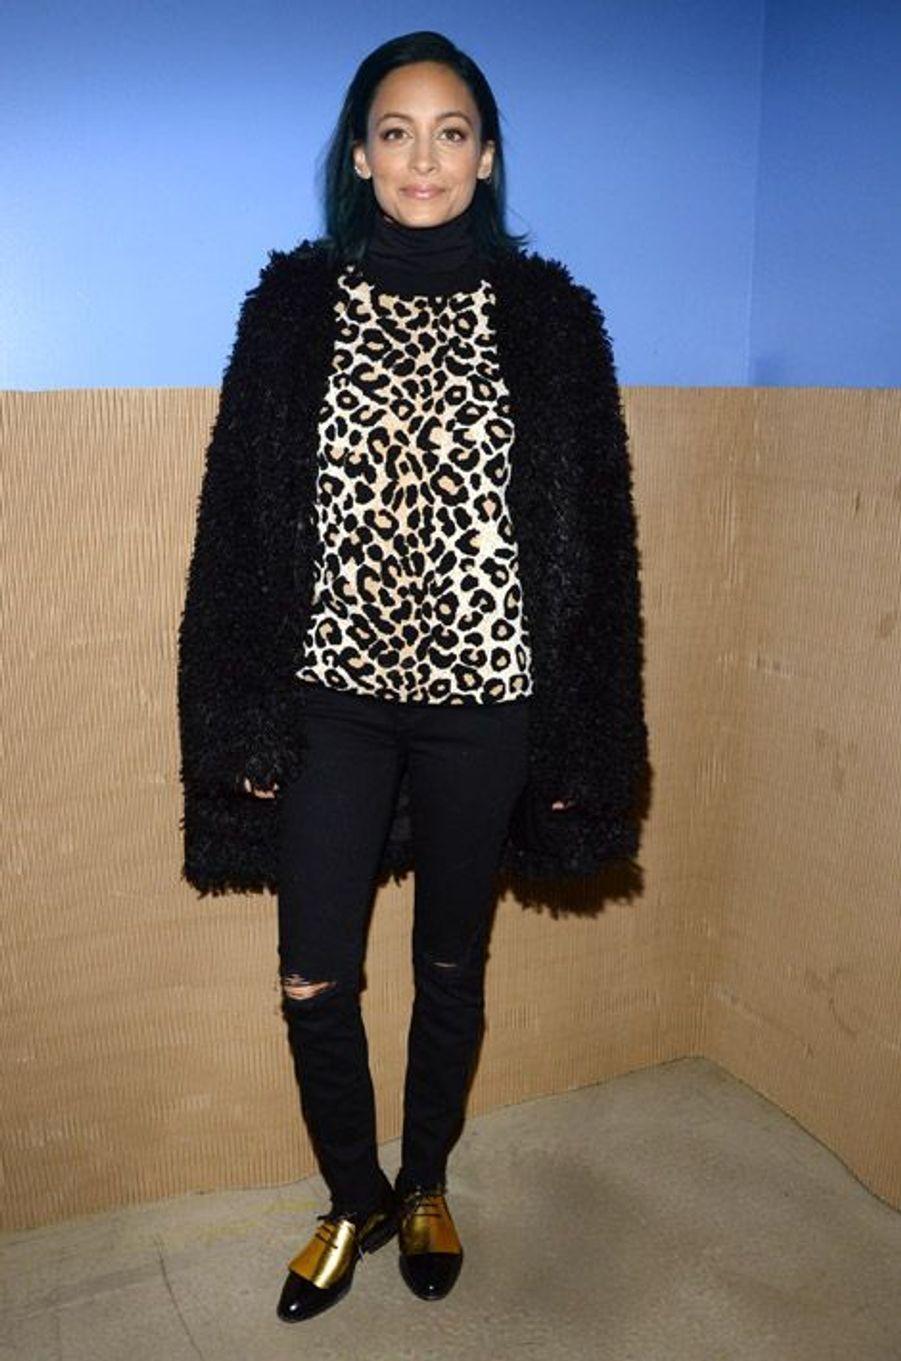 La styliste américaine Nicole Richie à New York, le 12 novembre 2014